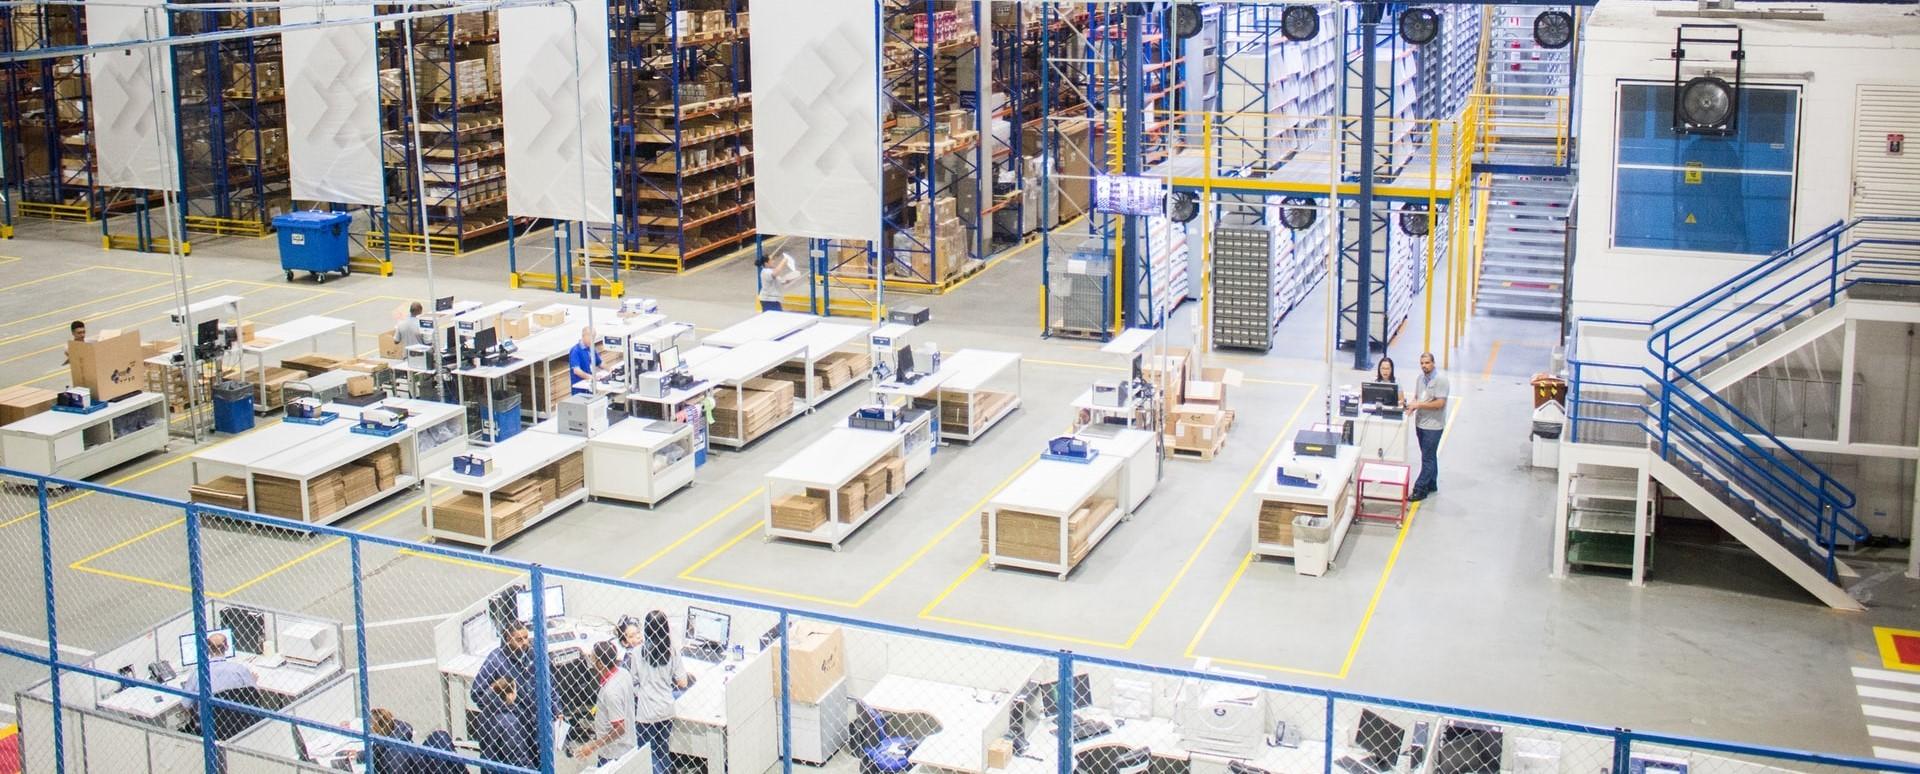 Planningsysteem voor productie en warehousing